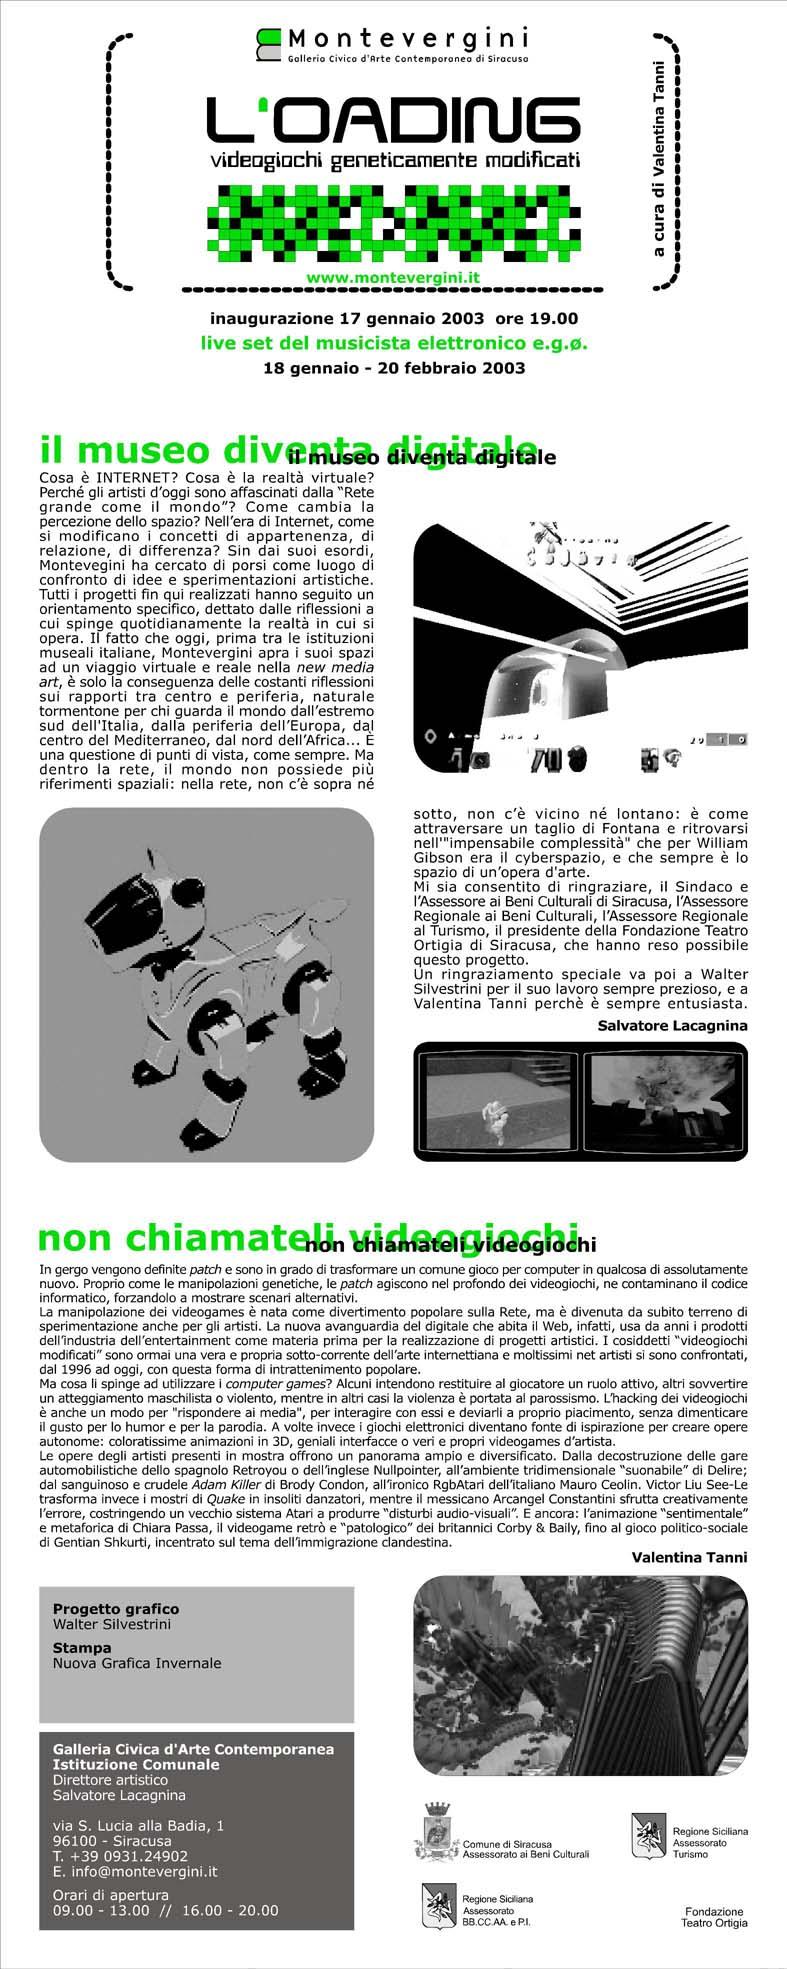 2003 / L'oading – Videogiochi geneticamente modificati